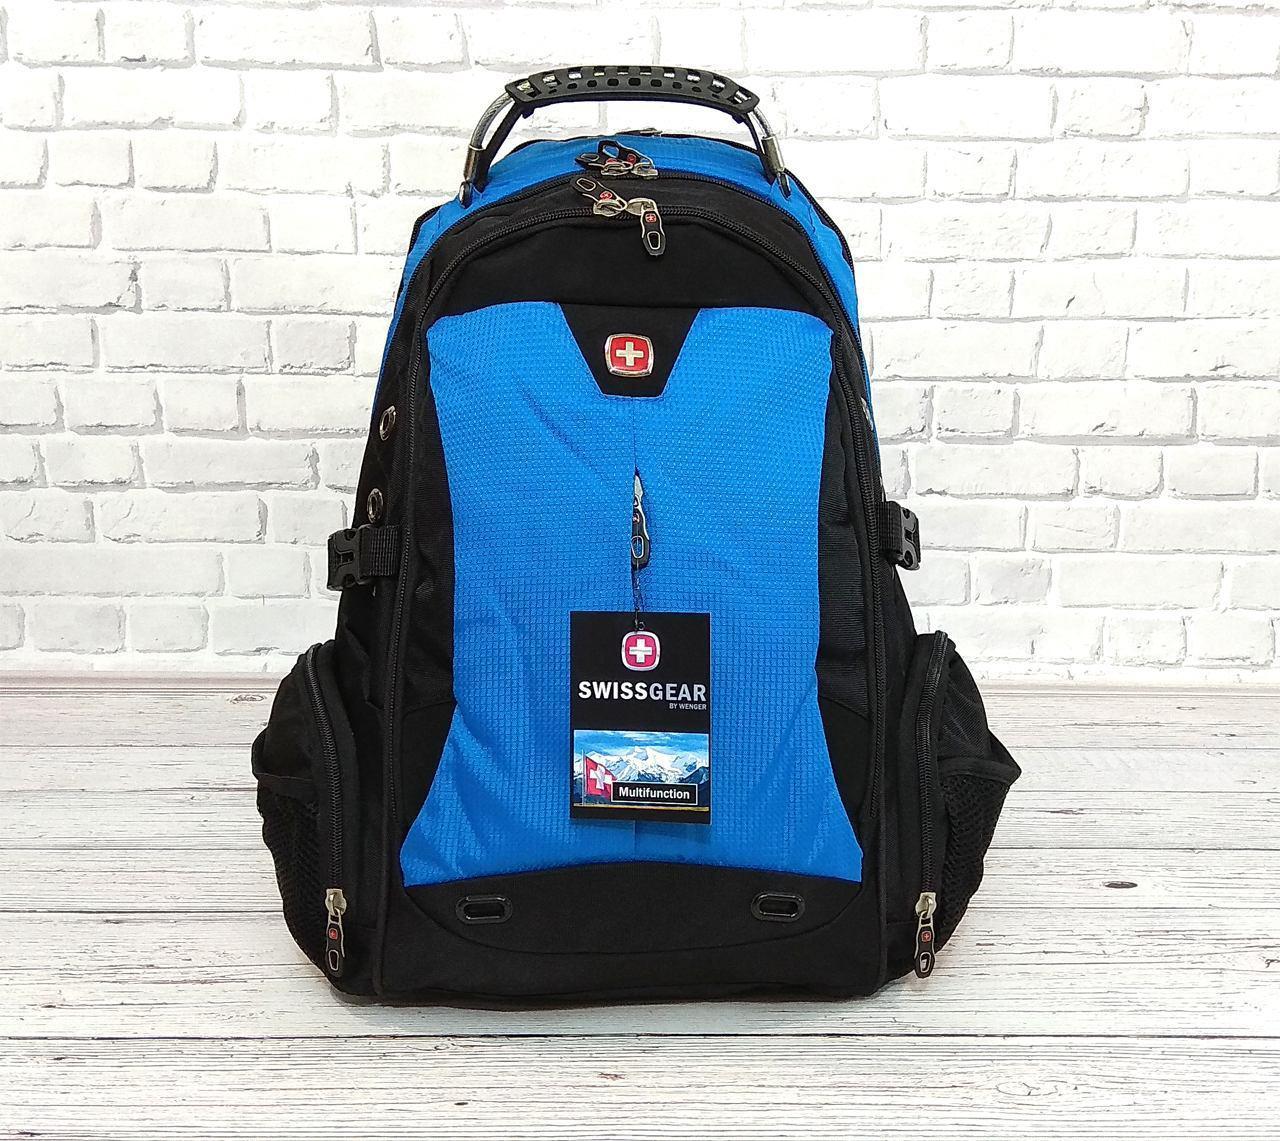 b76be734814a Вместительный рюкзак SwissGear Wenger, свисгир. Черный с синим. + Дождевик